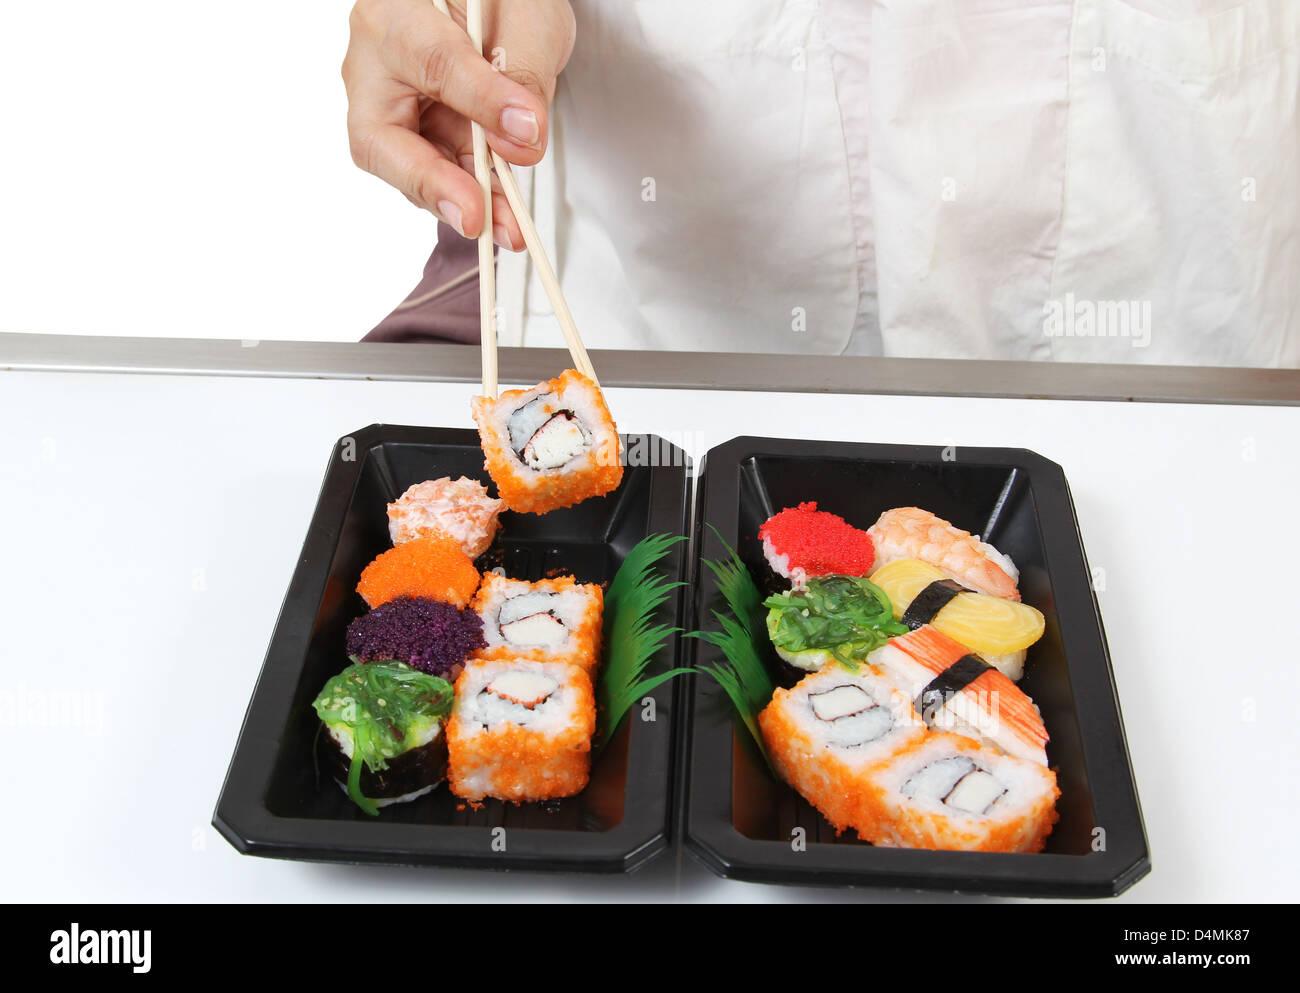 nahaufnahme bild von hand und ess st bchen bereiten sushi japanisches essen stockfoto bild. Black Bedroom Furniture Sets. Home Design Ideas